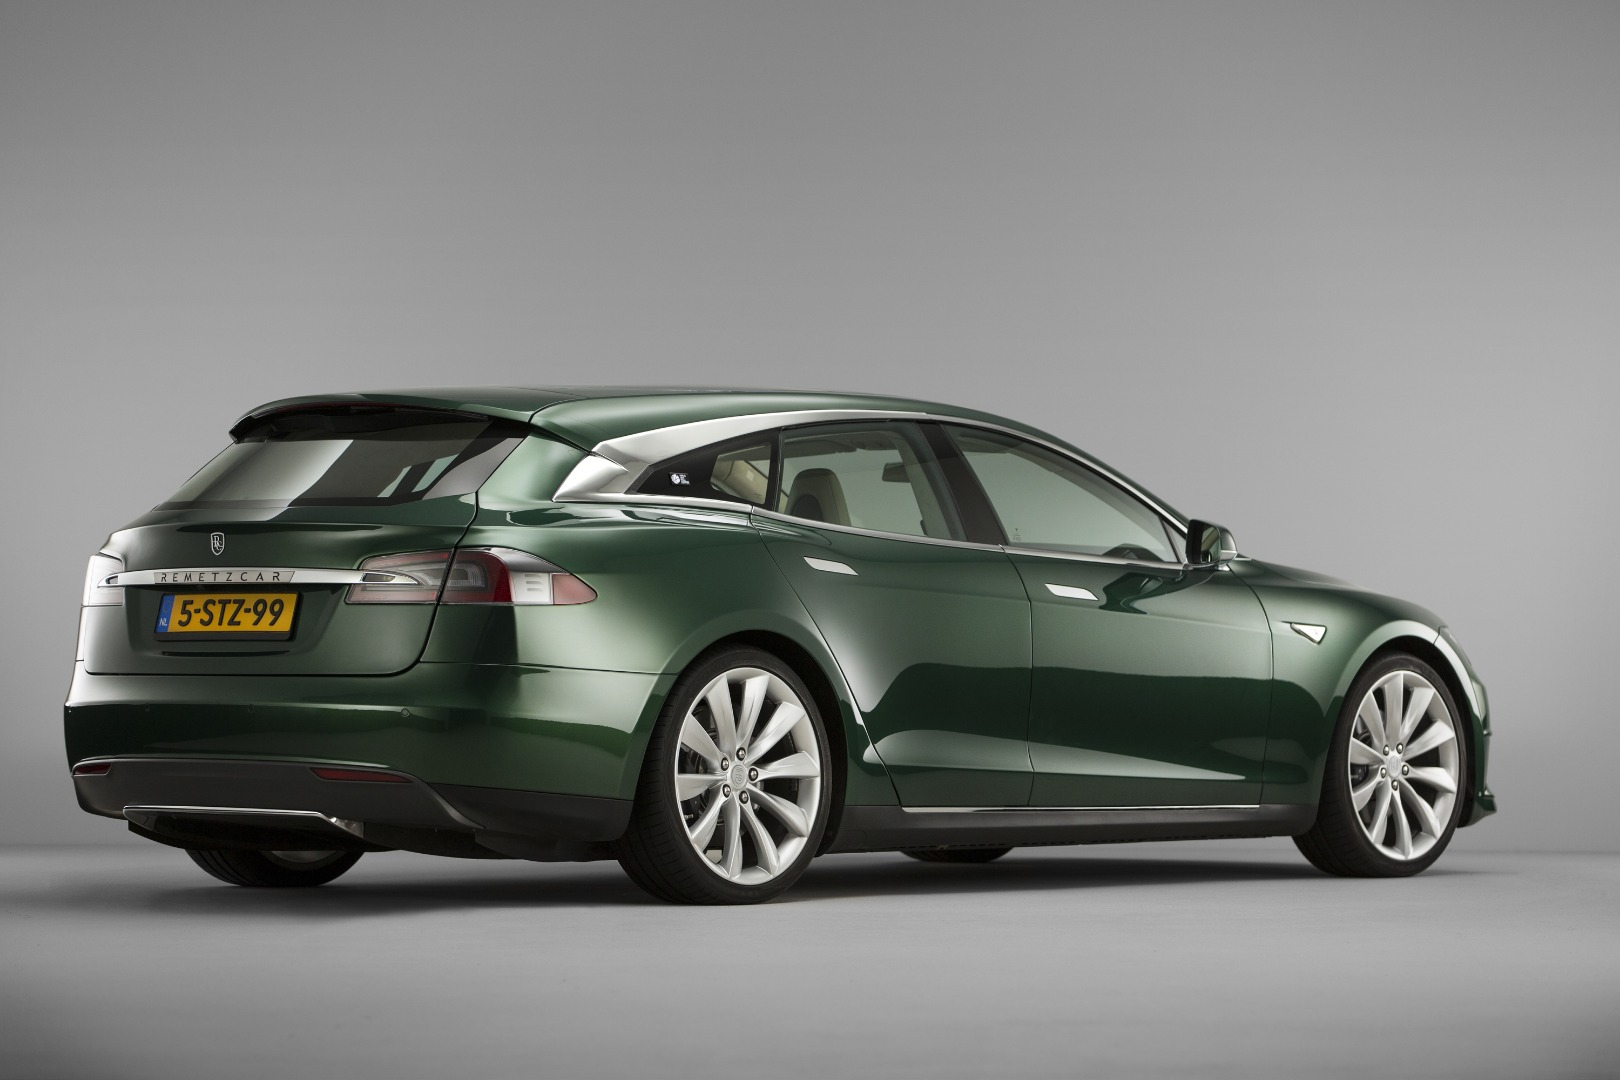 Tesla Model S restyle broadens station wagon appeal